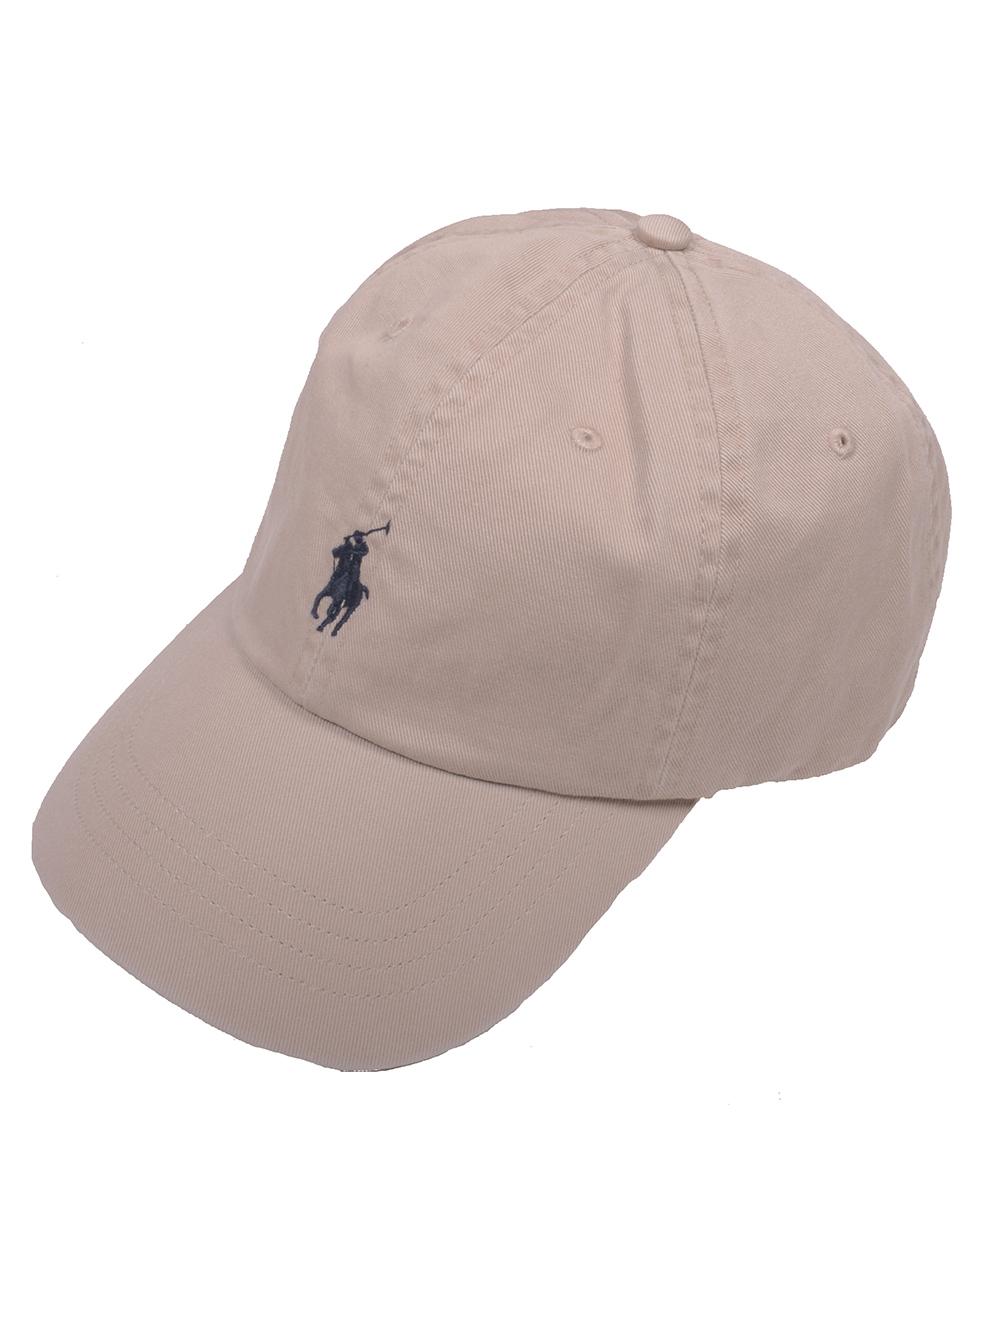 POLO RALPH LAUREN Καπέλο 710548524005 ΜΠΕΖ